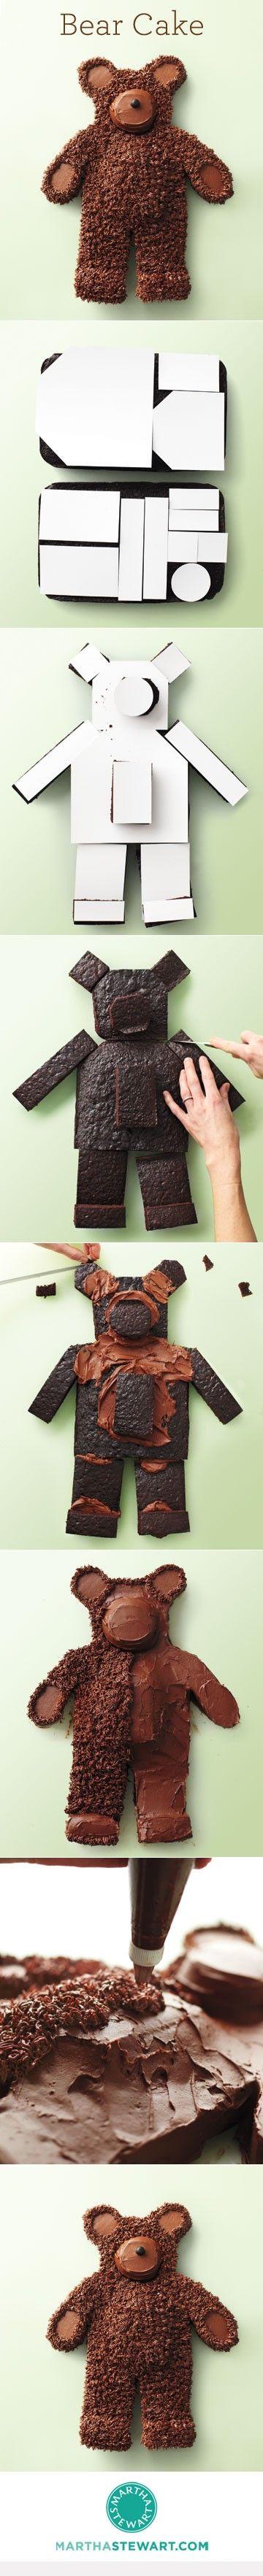 Bear Cake #DIY